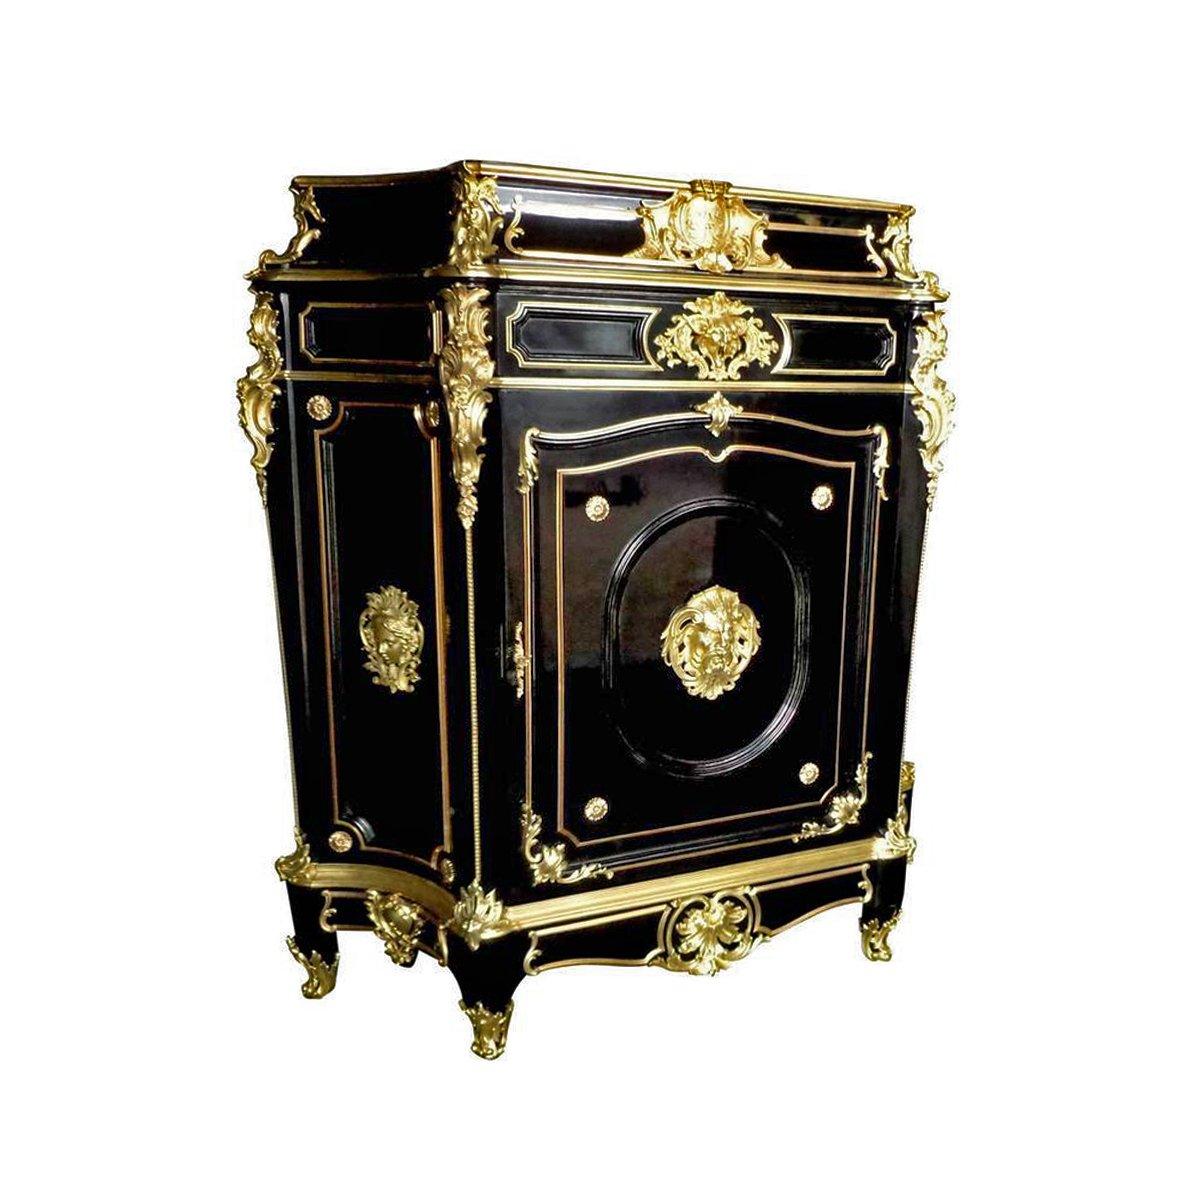 haut meuble d 39 entre deux boulle d 39 apr s b fort jeune poque napol on iii xixe si cle. Black Bedroom Furniture Sets. Home Design Ideas